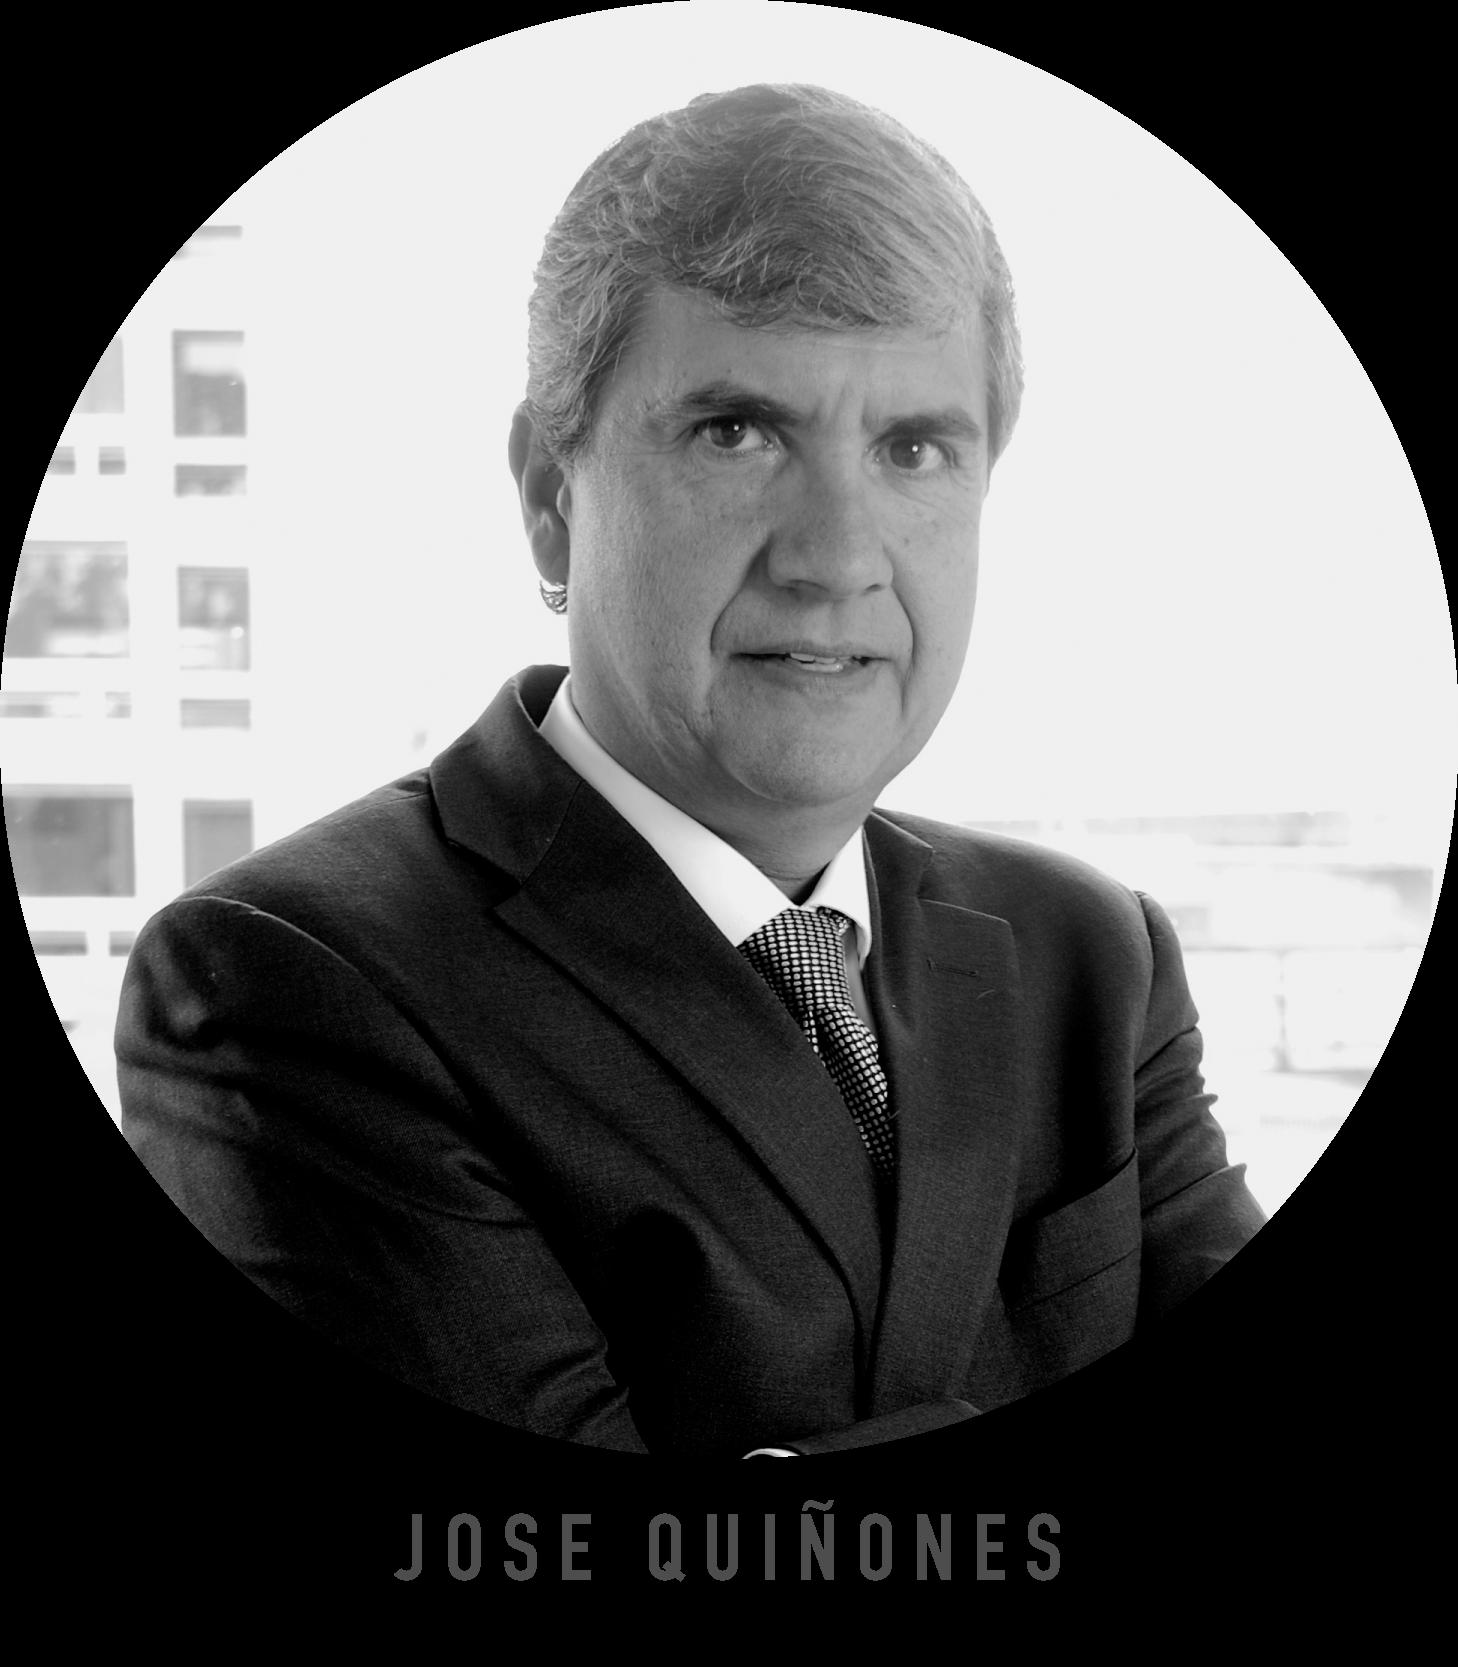 JOSE QUIÑONES